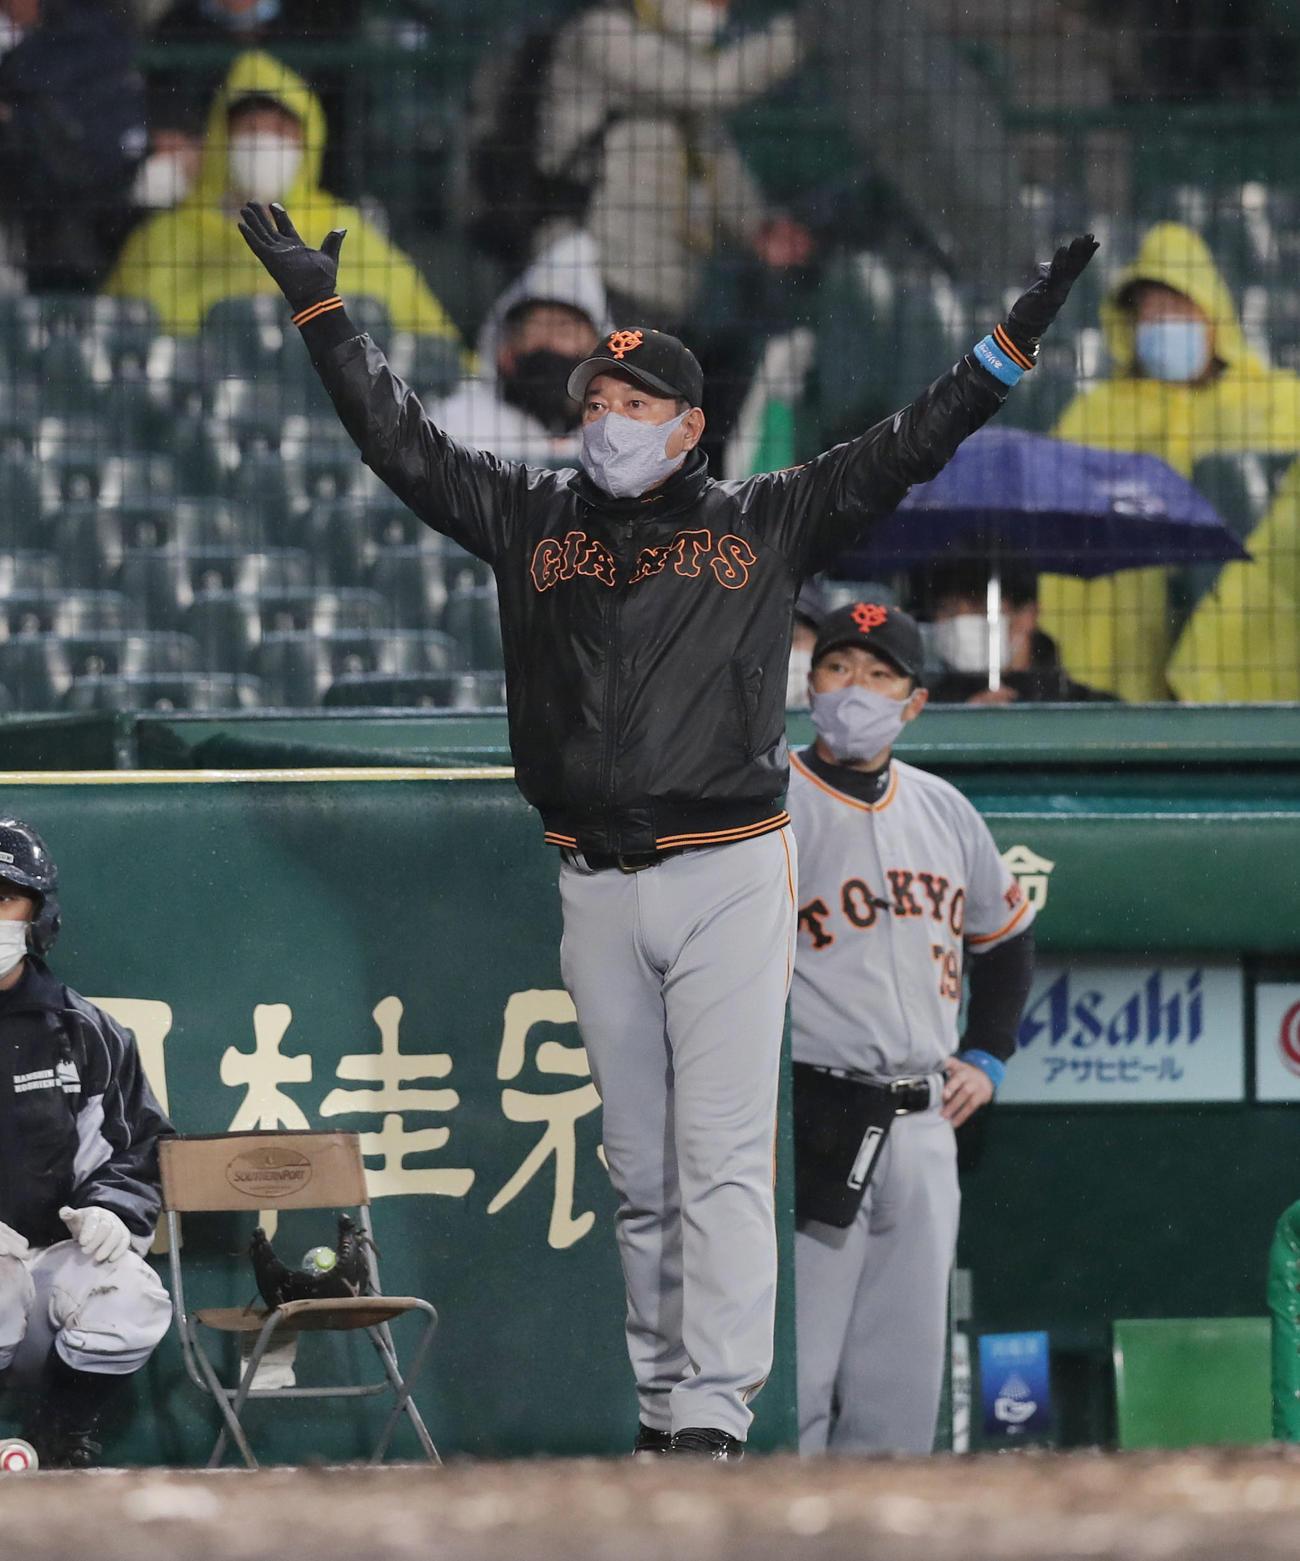 阪神対巨人 7回裏阪神の攻撃後、雨天コールド終了となり、納得いかない様子で両手を広げる巨人原監督(2021年4月6日撮影)